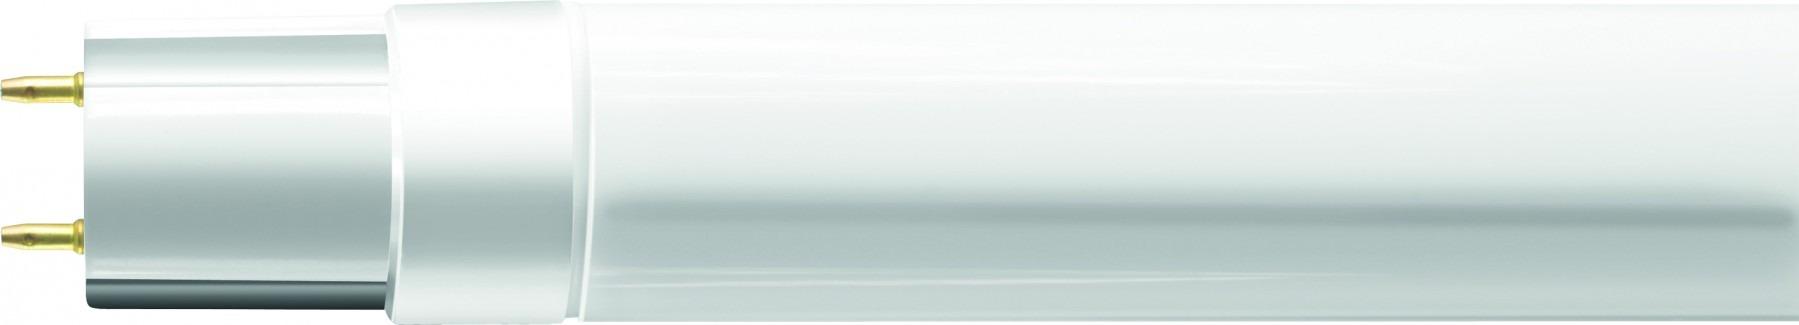 Philips CorePro LED tube 60 cm Röhre 9 Watt kaltweiß